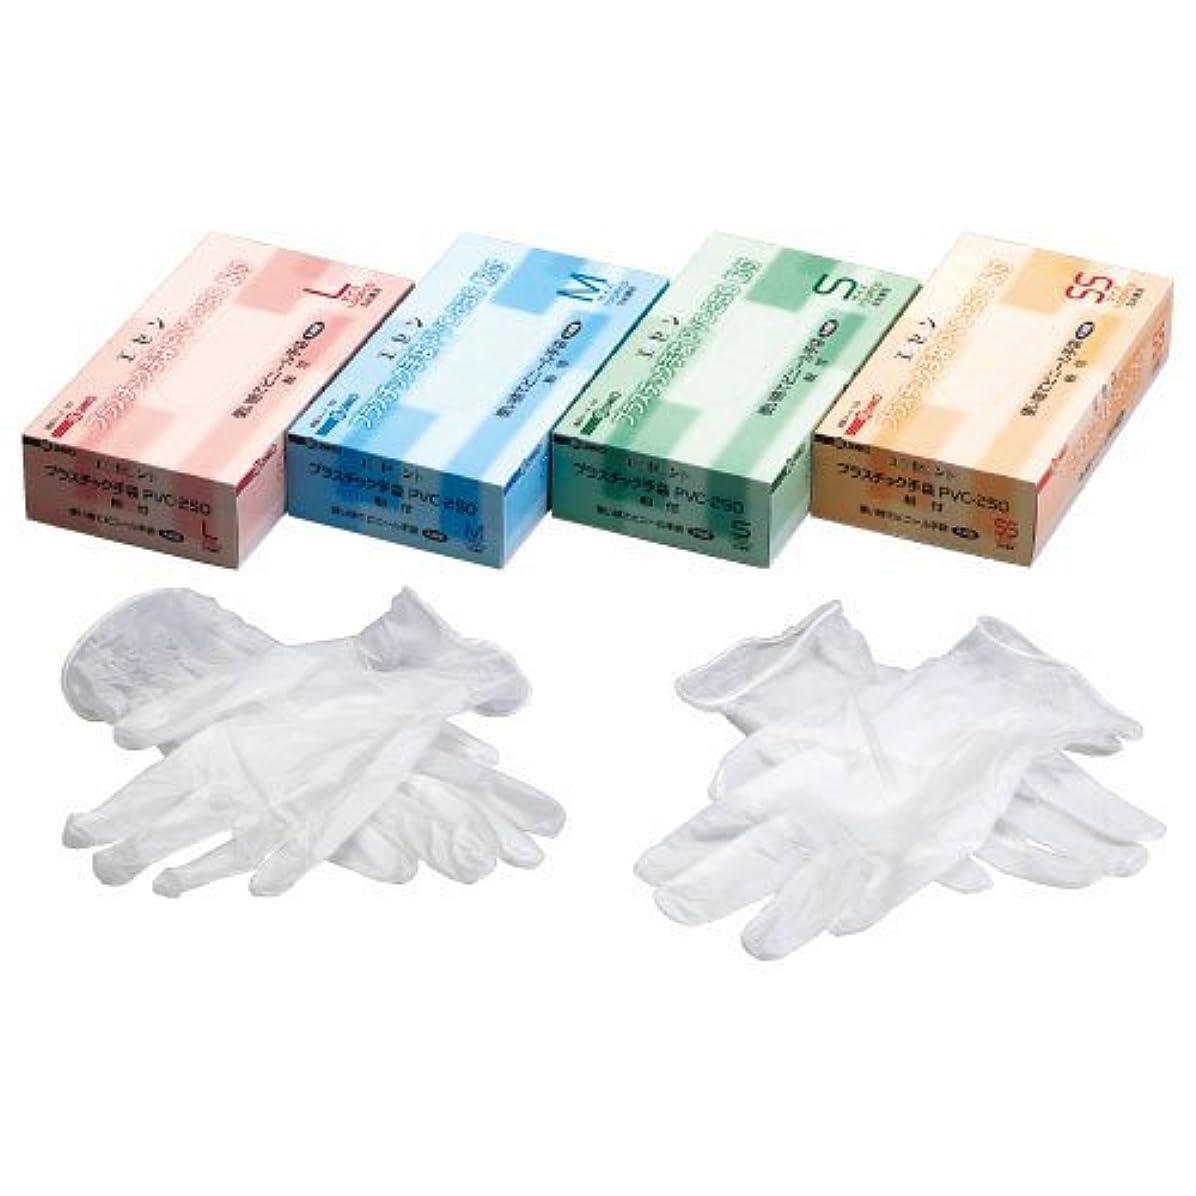 アンソロジー気になる池エクセレントプラスチック手袋(粉付) PVC-250(100マイイリ) M